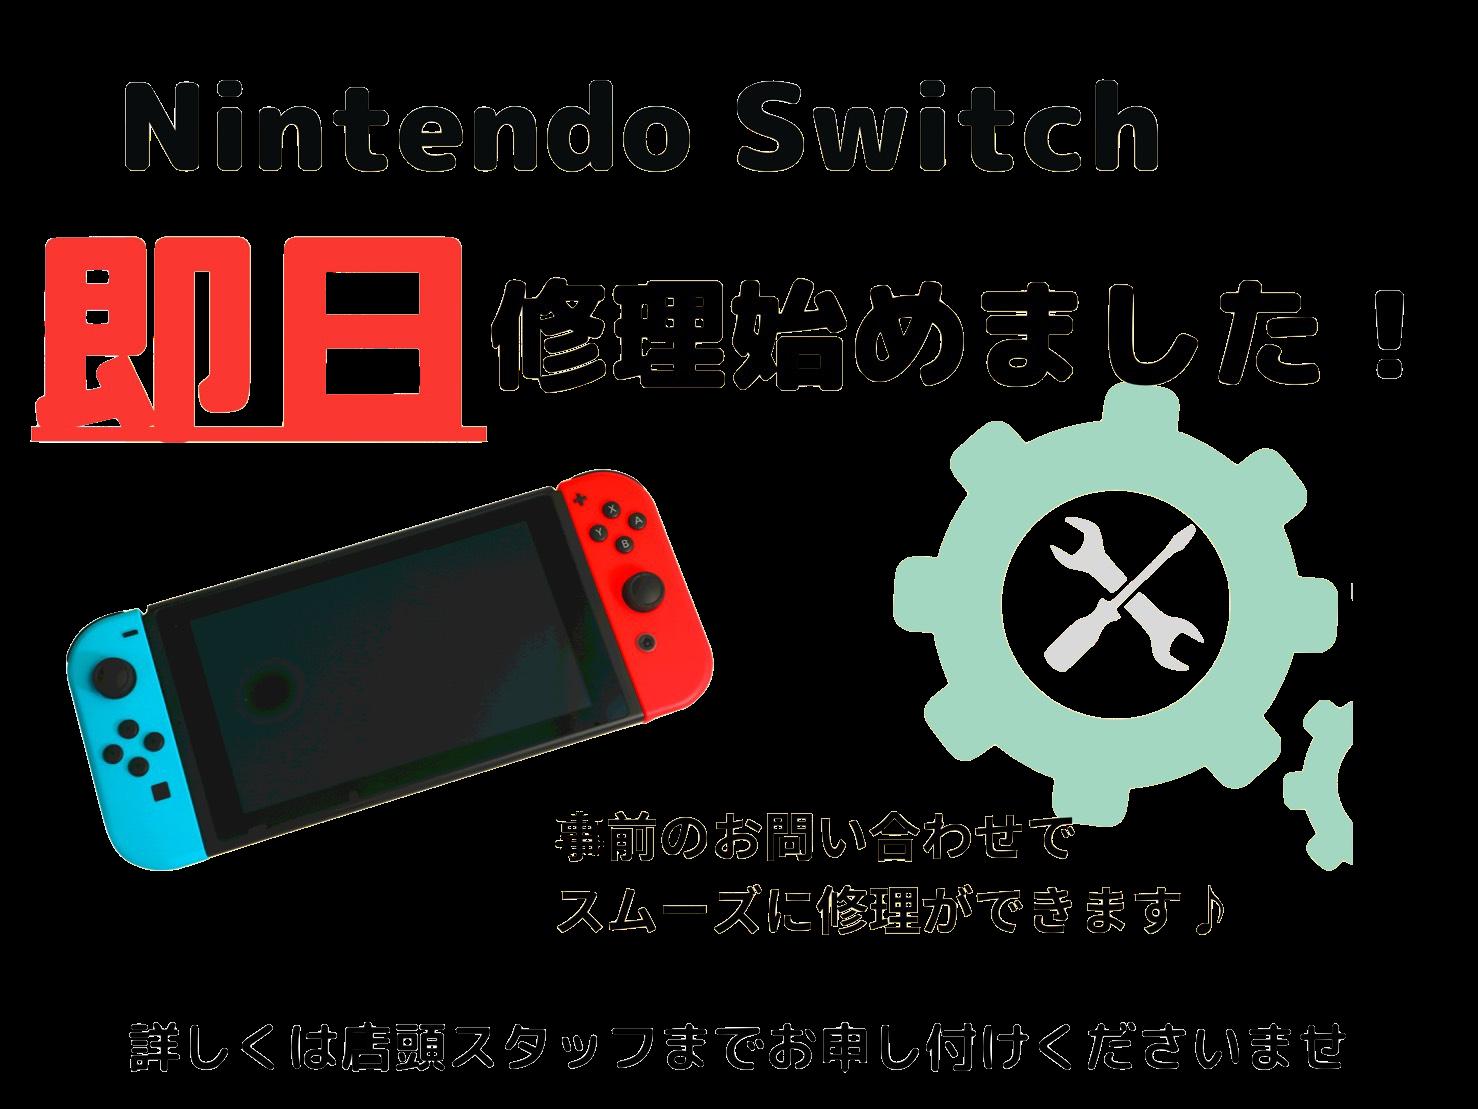 スマートクールでSwitch修理しませんか?【Nintendo Switch即日修理 佐賀市 Switch修理】